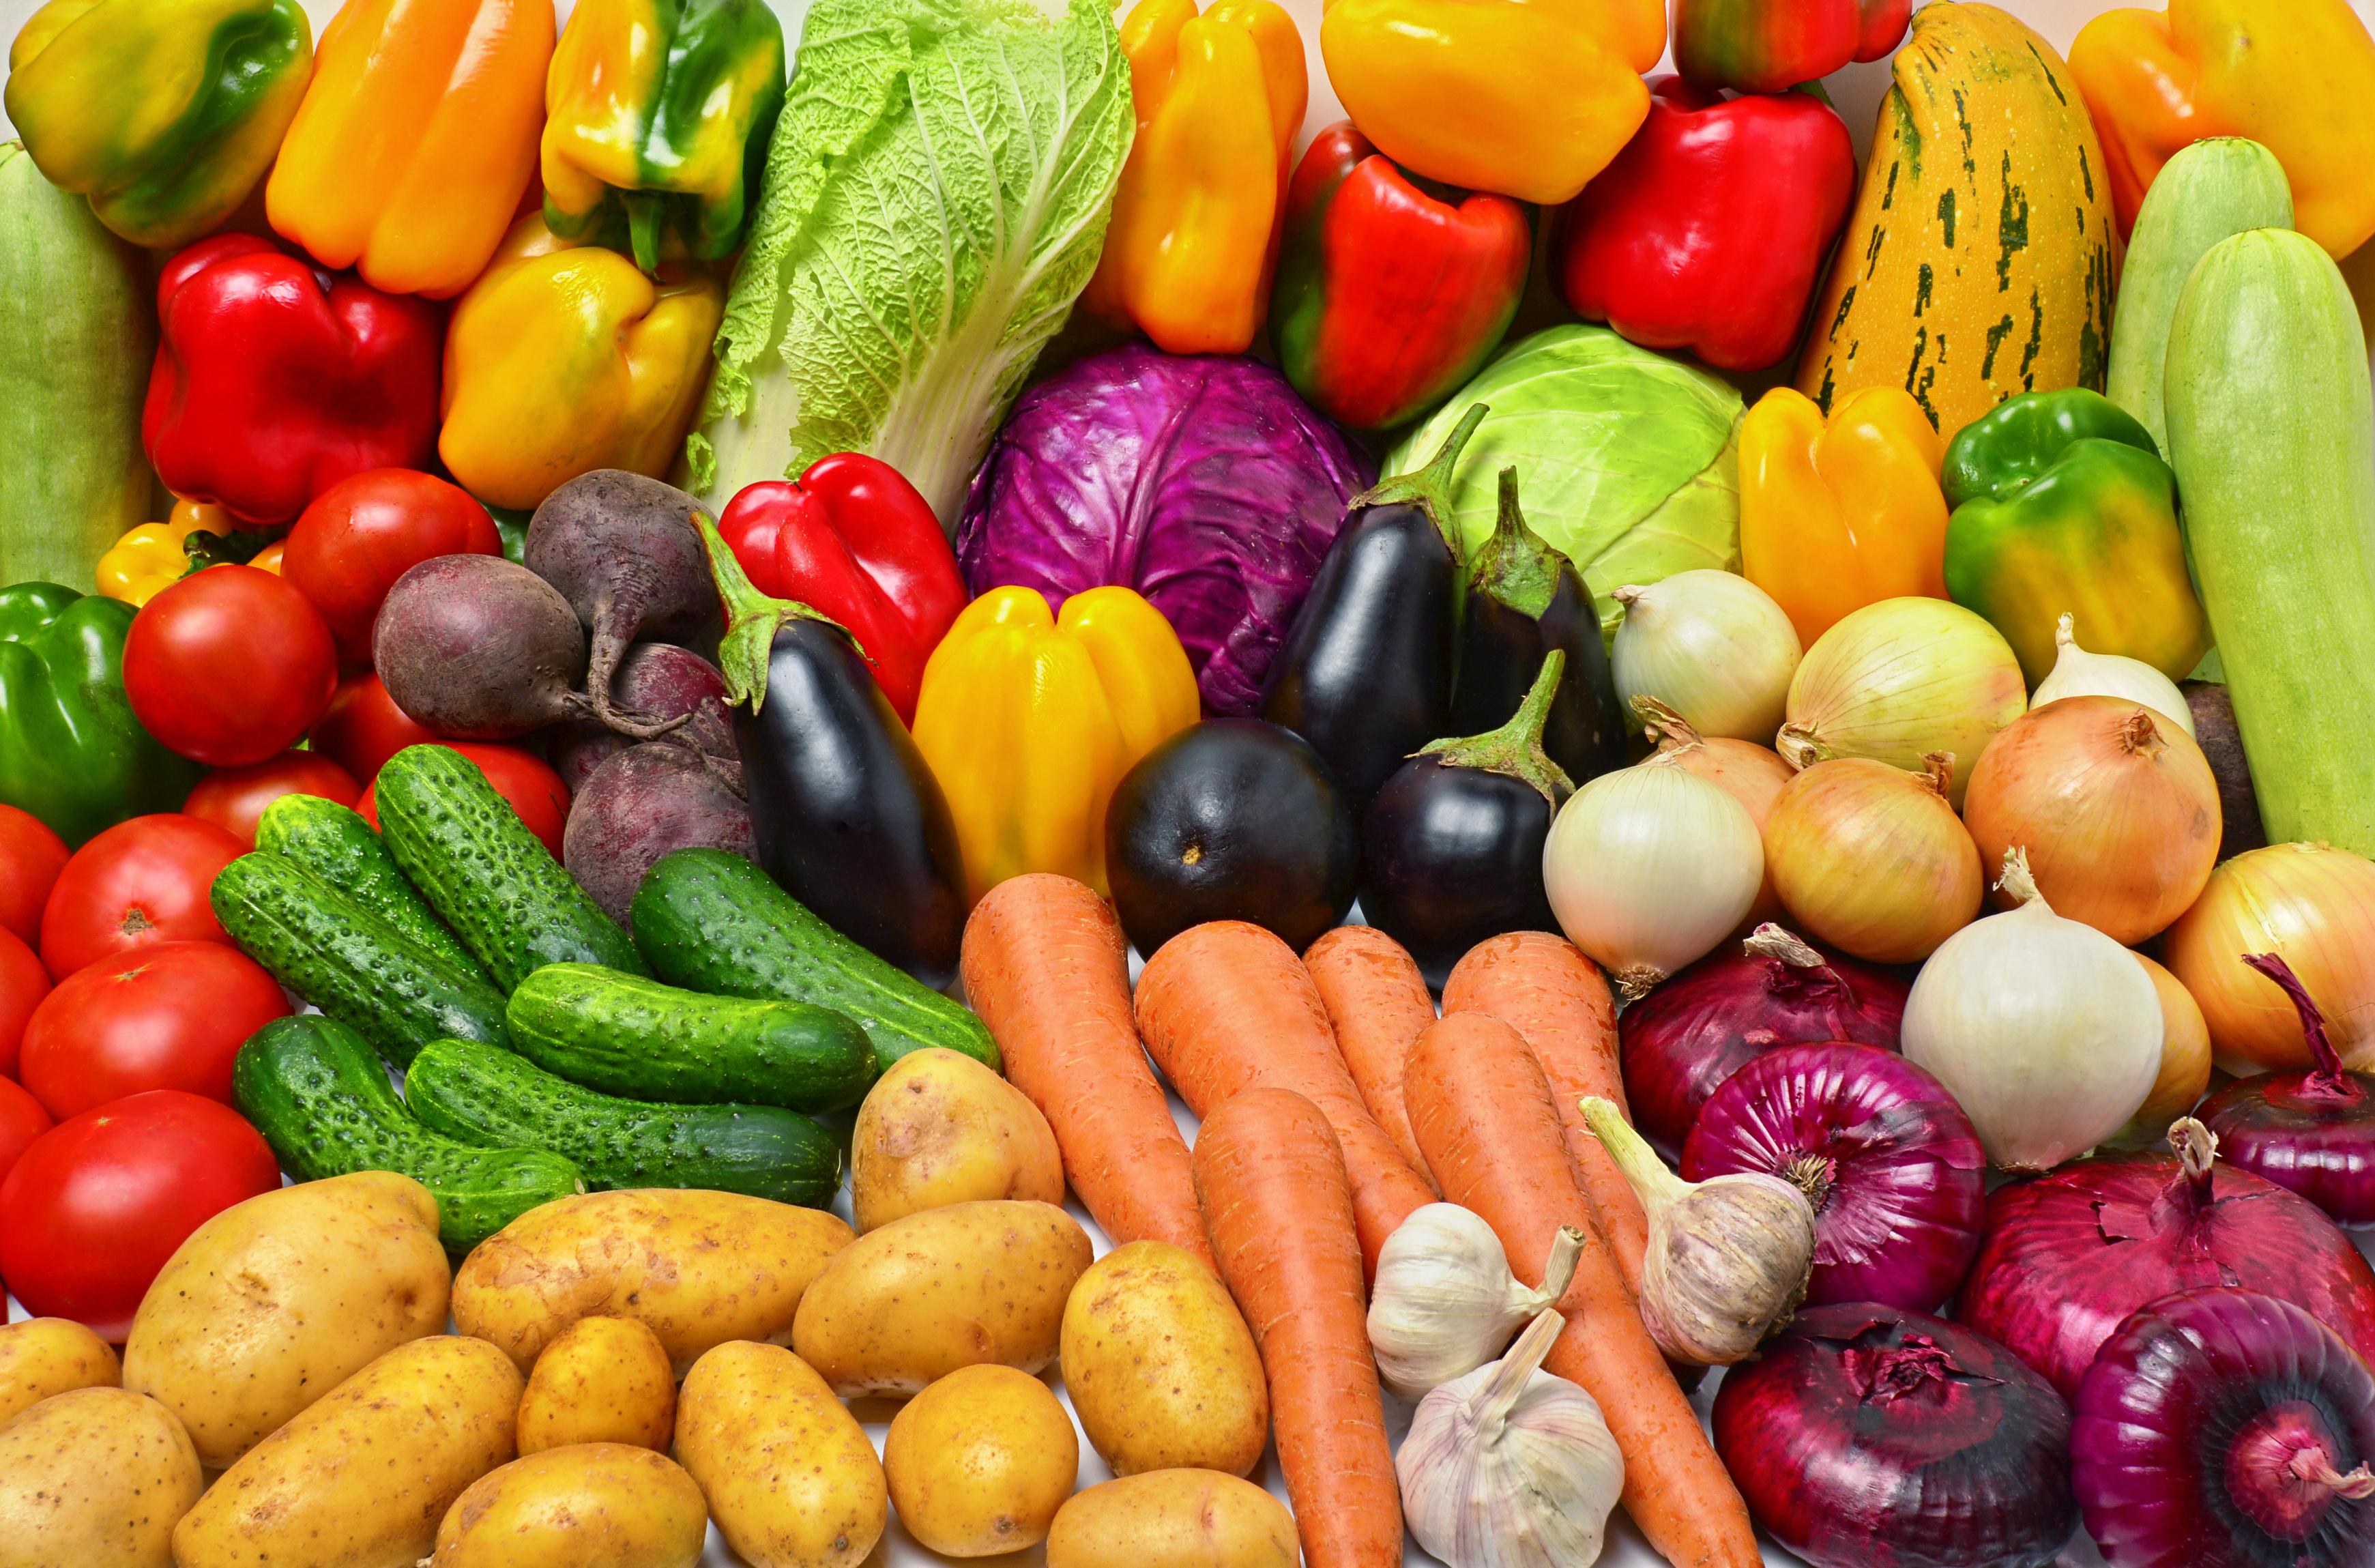 vegetariandietmoreharmfultoenvironment:study